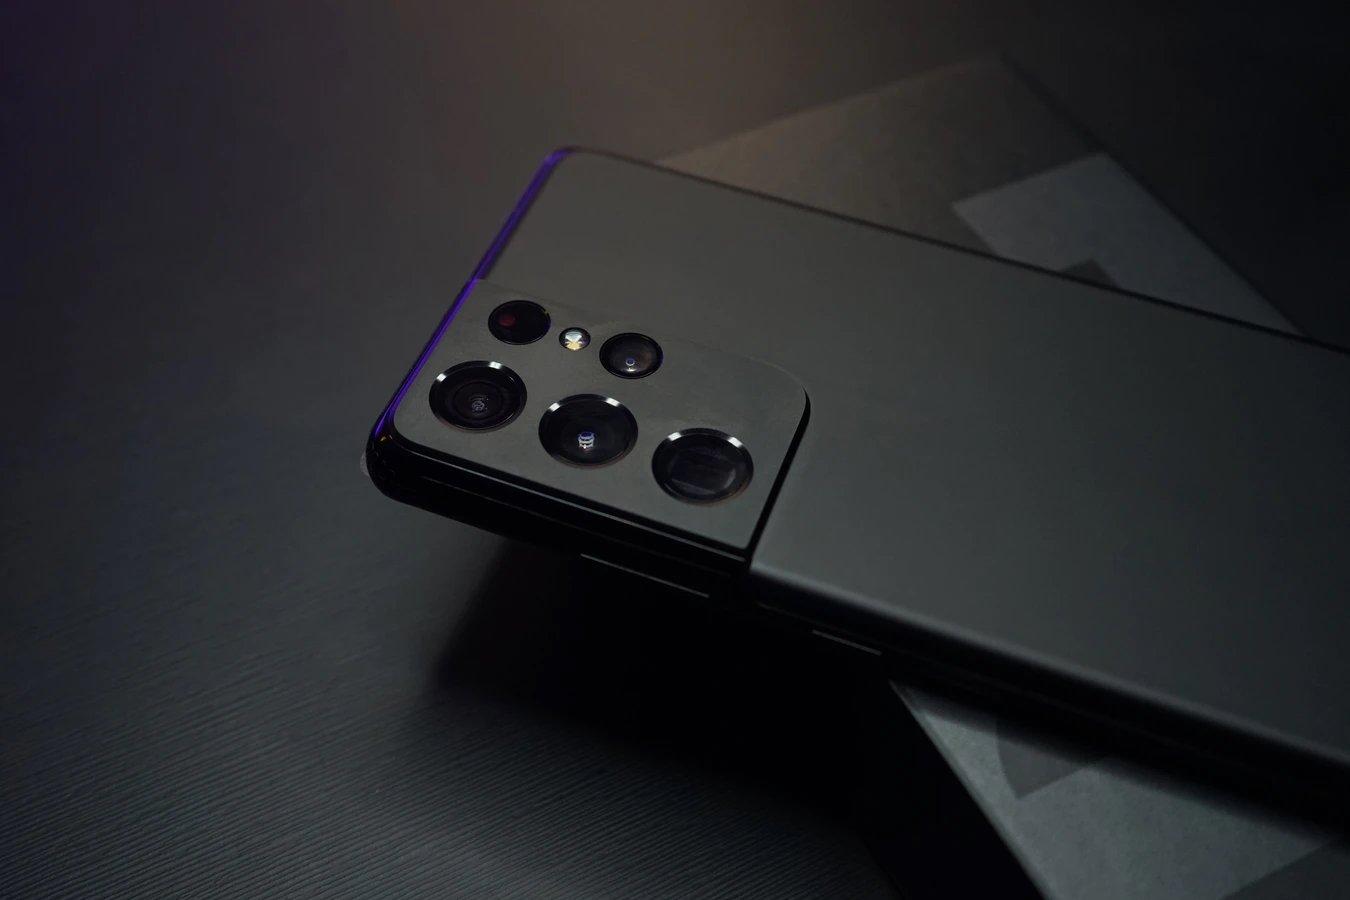 Samsung s21 cameras